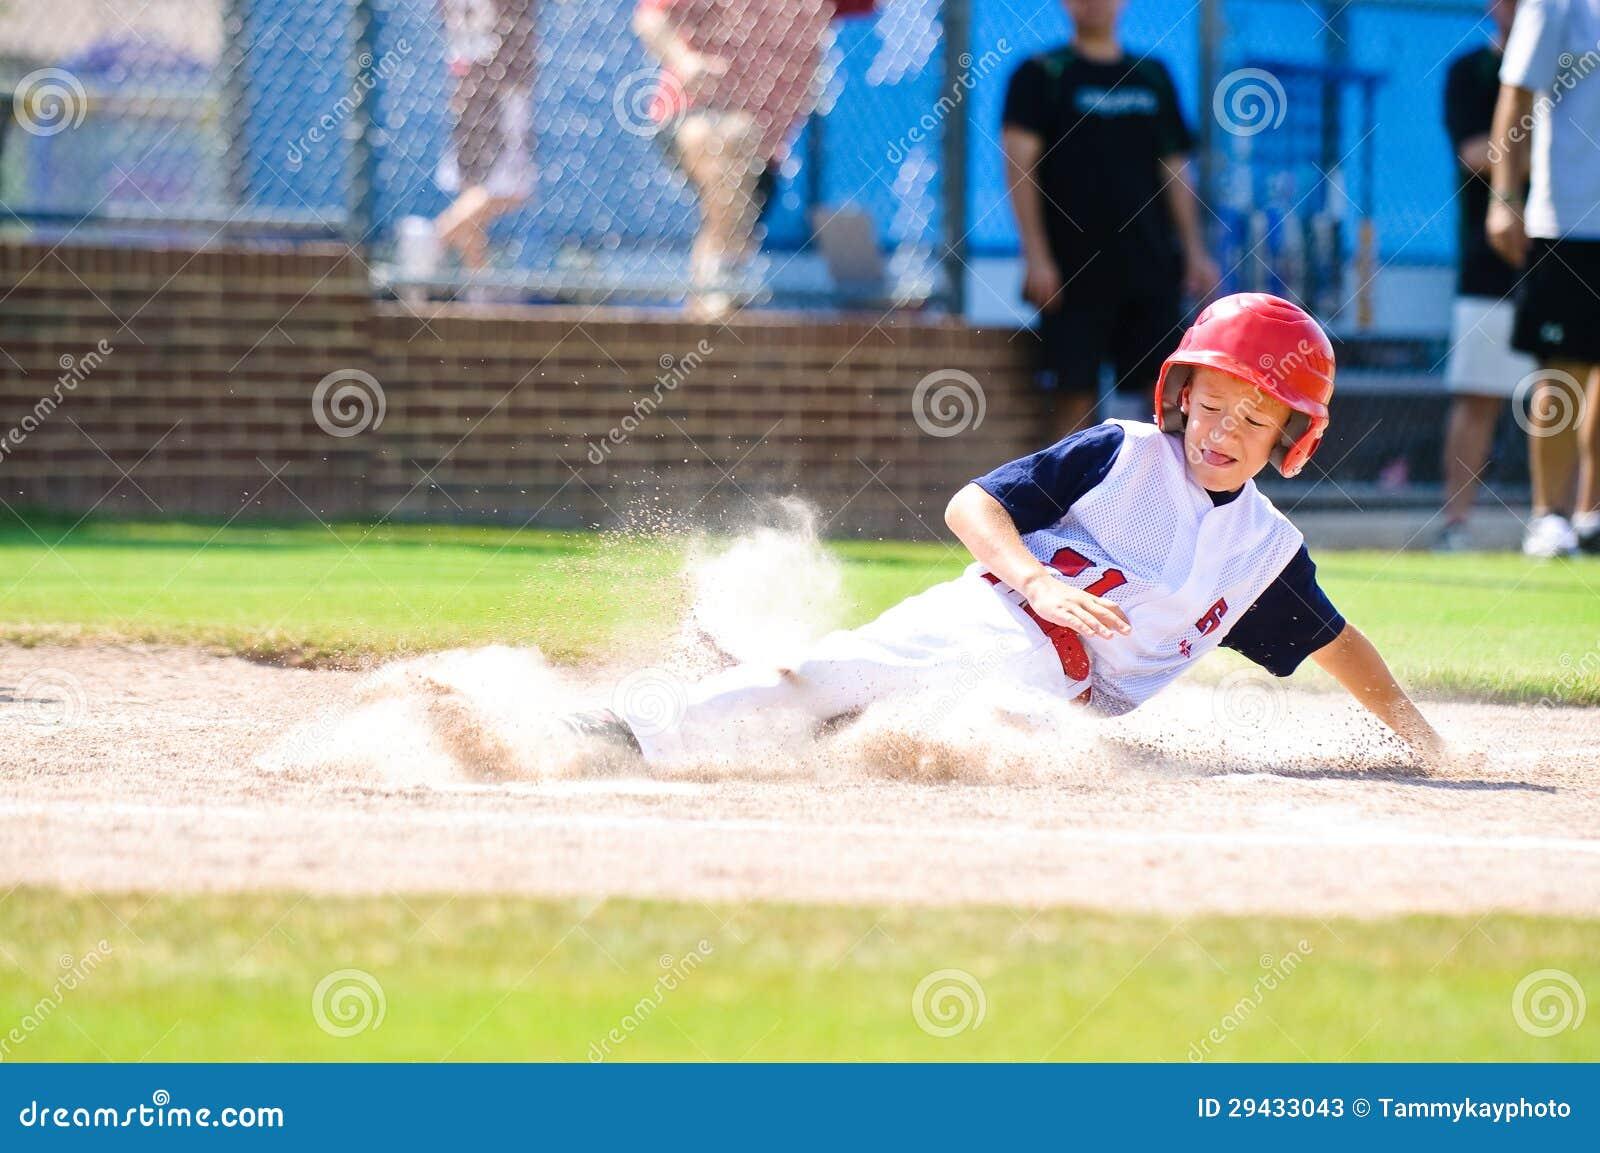 小职业棒球联盟下滑的棒球运动员在家。